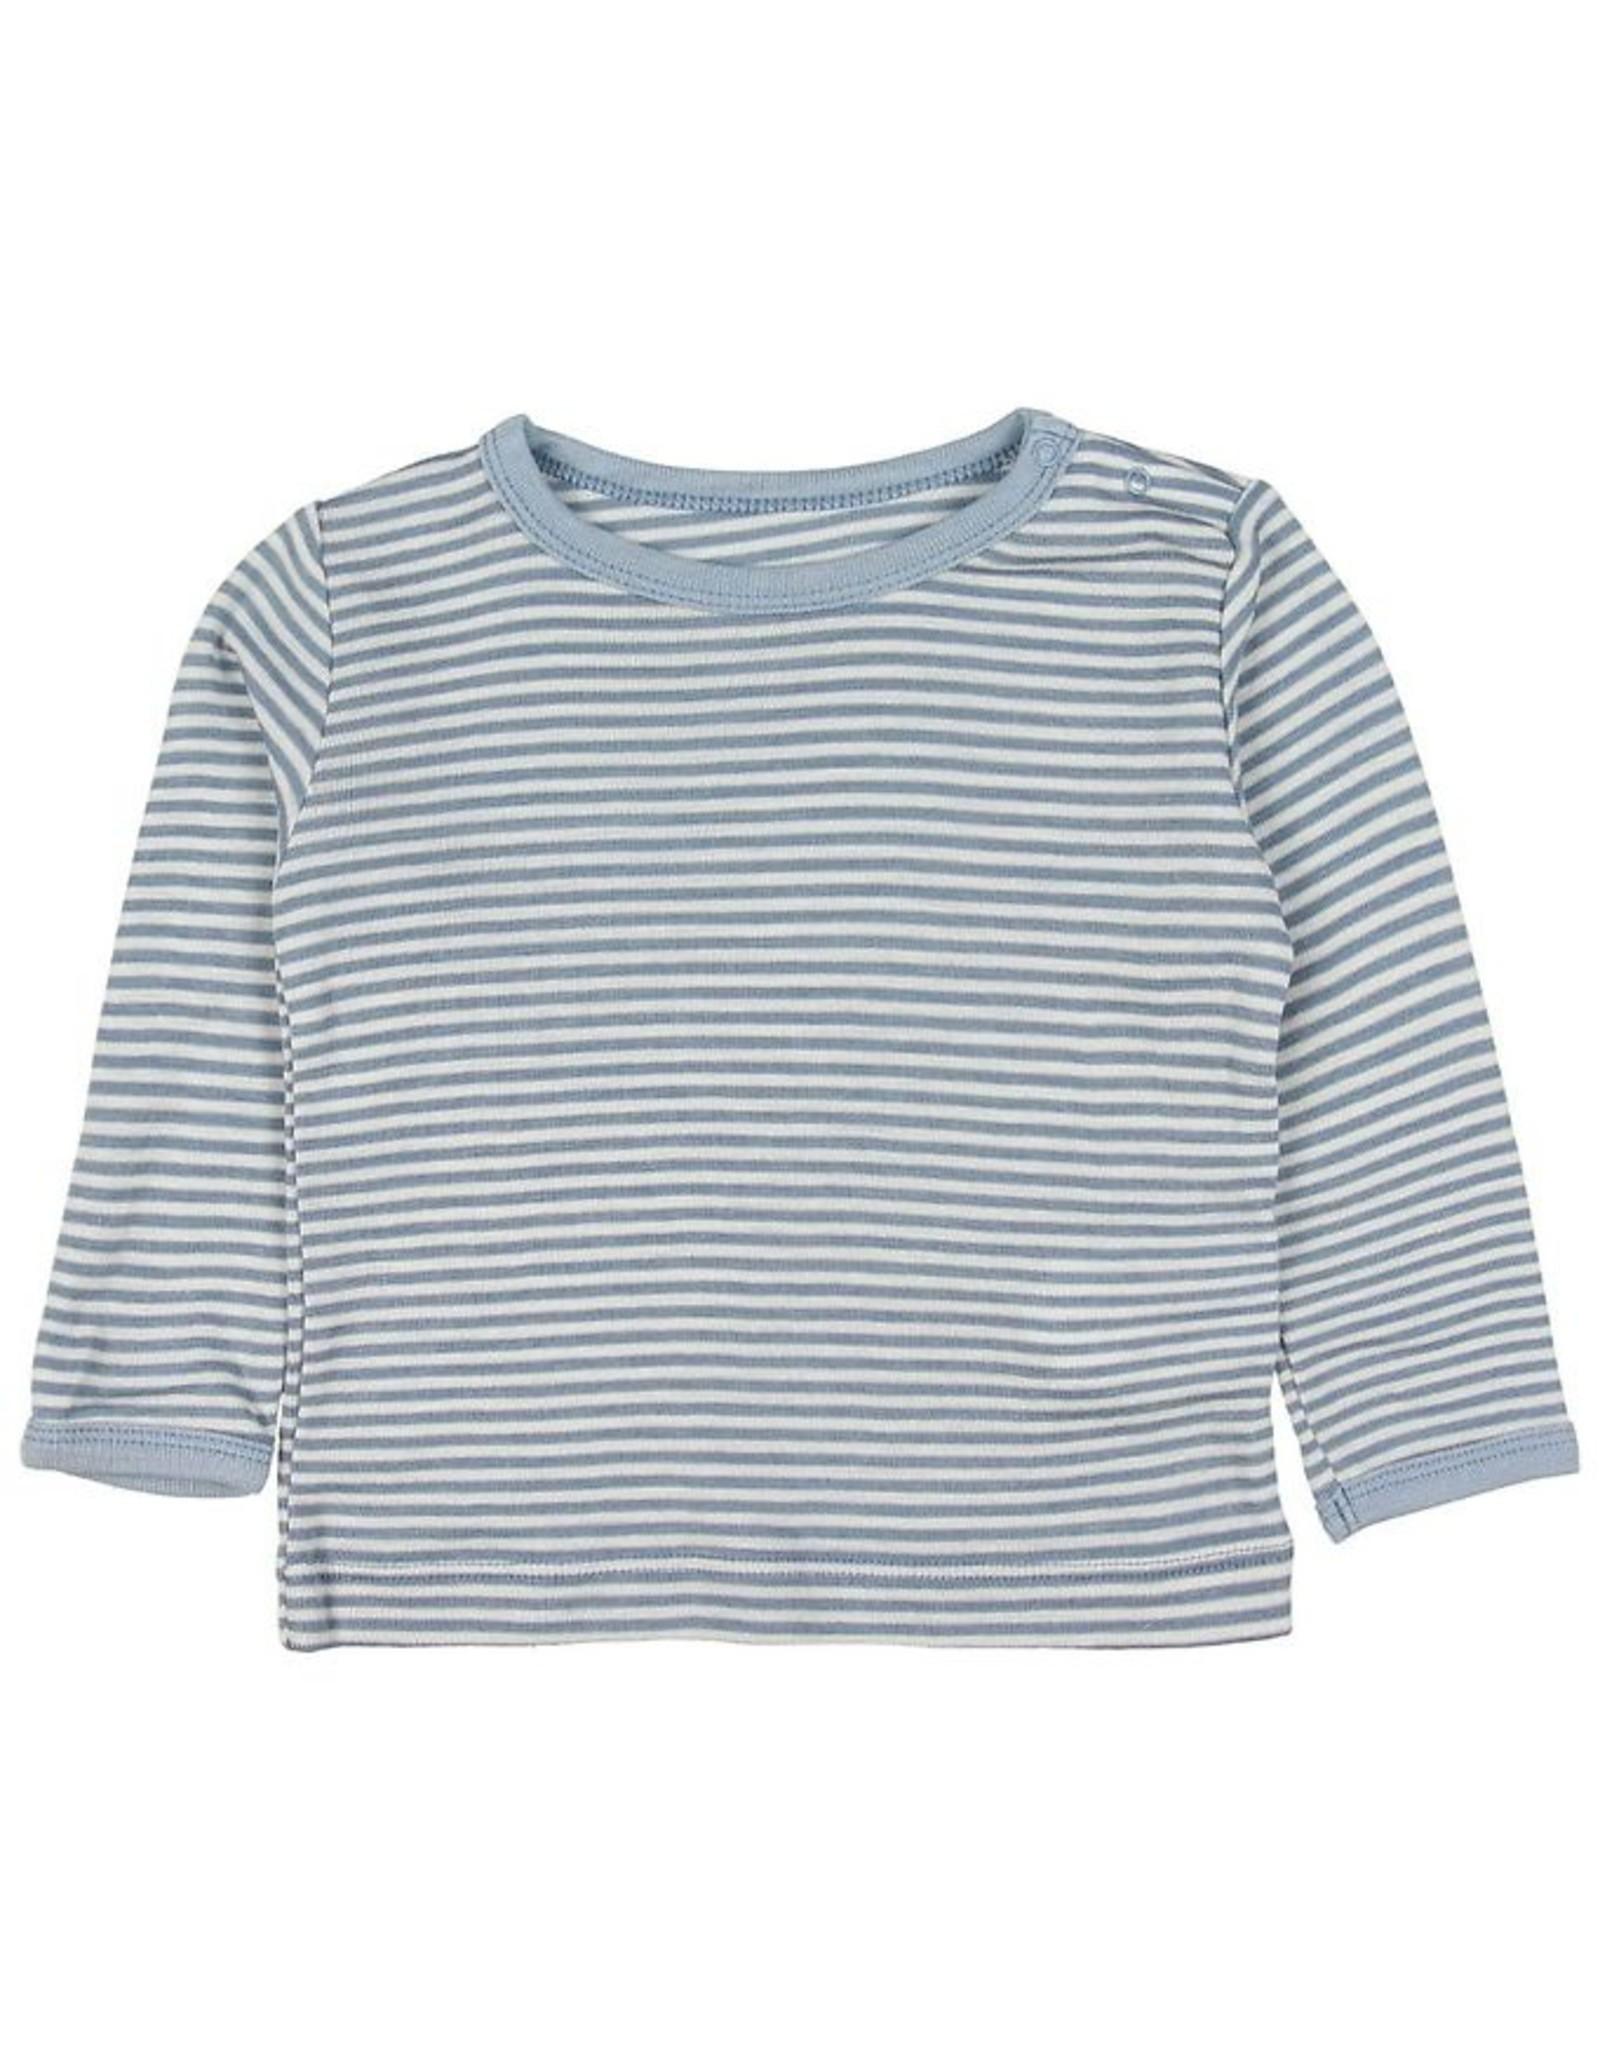 Fixoni Fixoni Wol/Zijde Shirtje Blauw Wit Gestreept